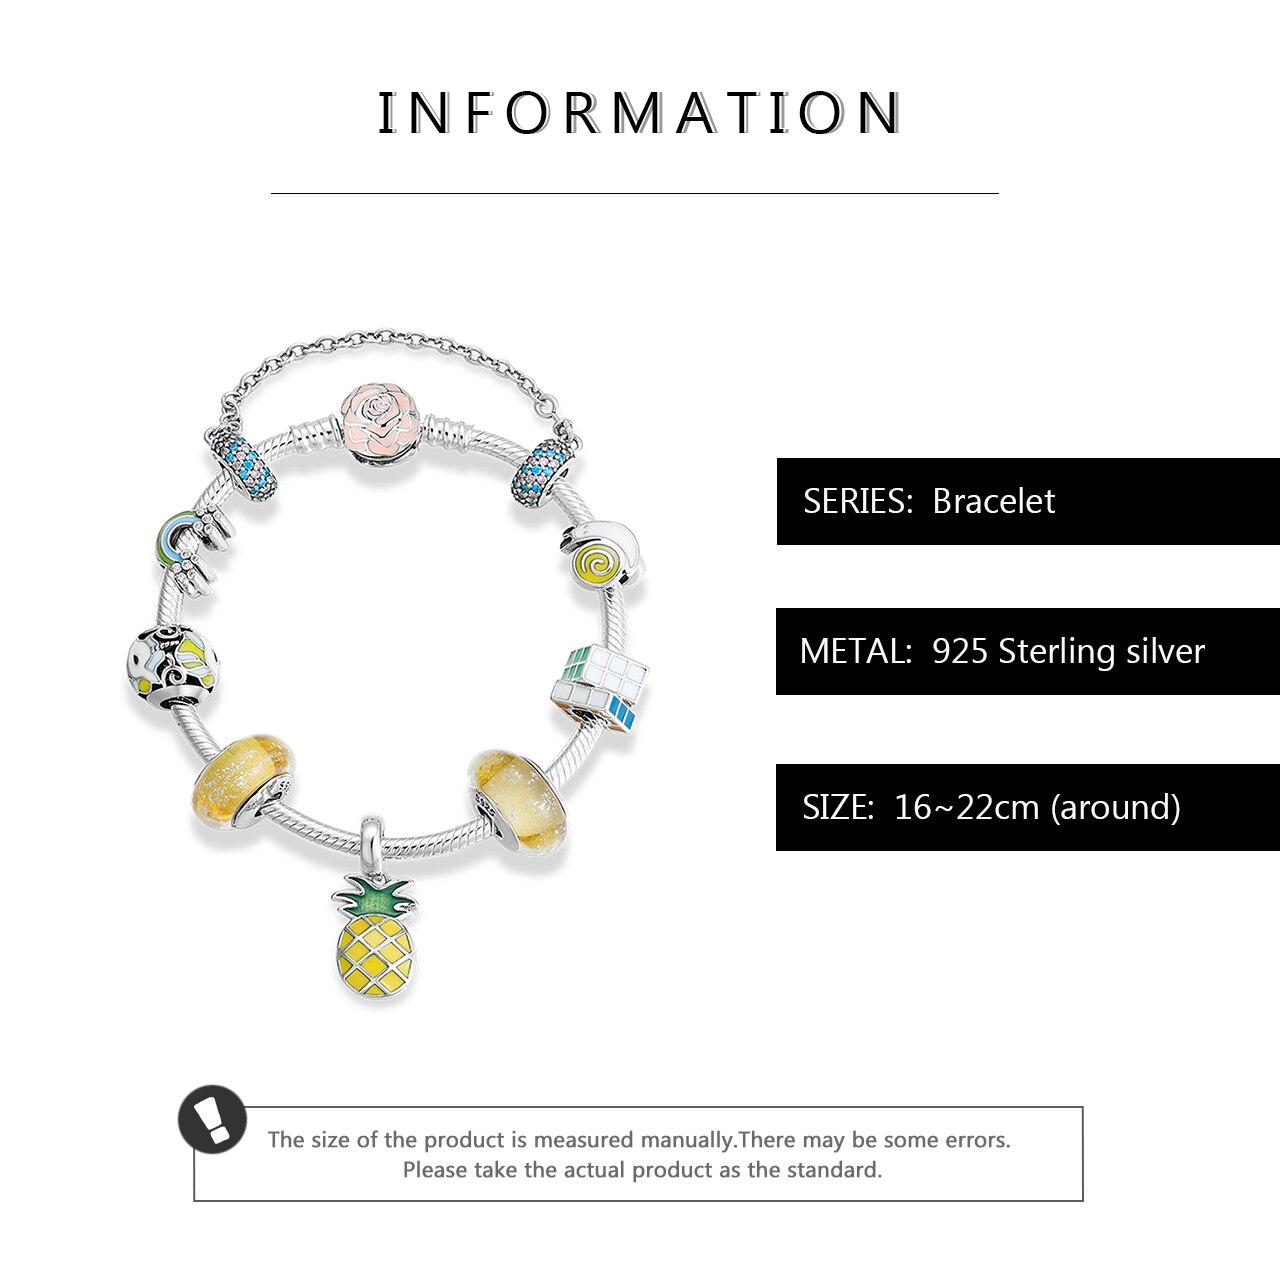 2019 novo 925 prata esterlina pulseiras & pulseiras colorido esmalte cz arco íris unicórnio charme para as mulheres jóias diy cristal pulseira - 3